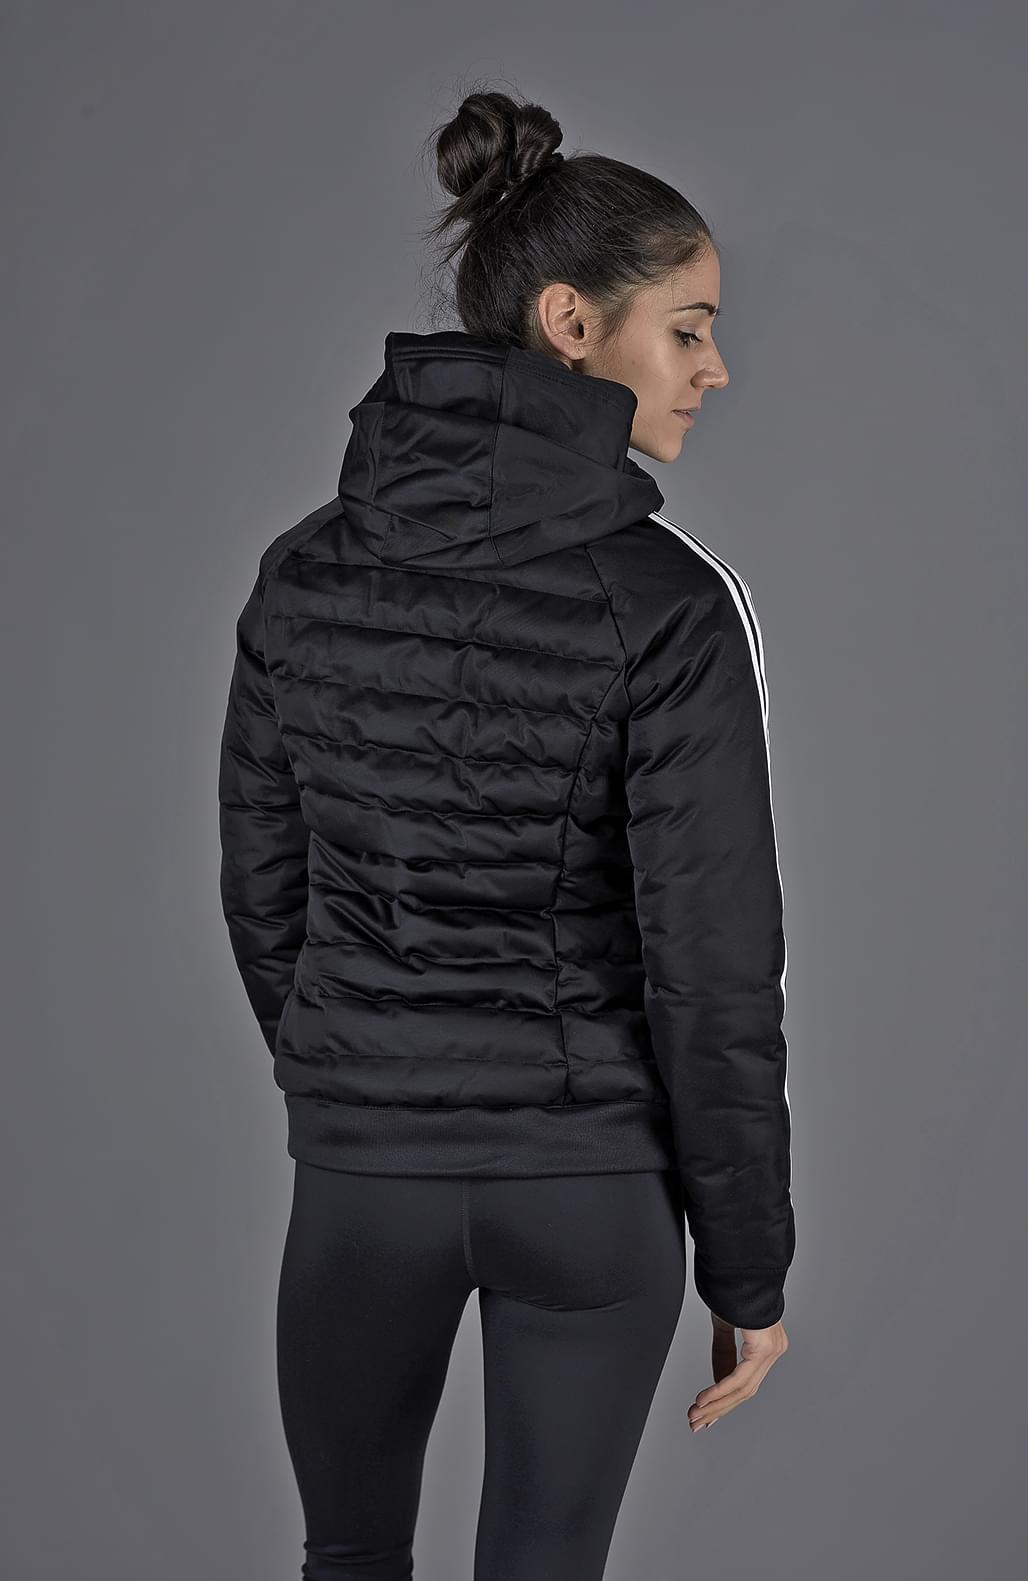 ... Adidas Originals Slim Jacket Dh4587 Női Kabát ... 7e55762d2a